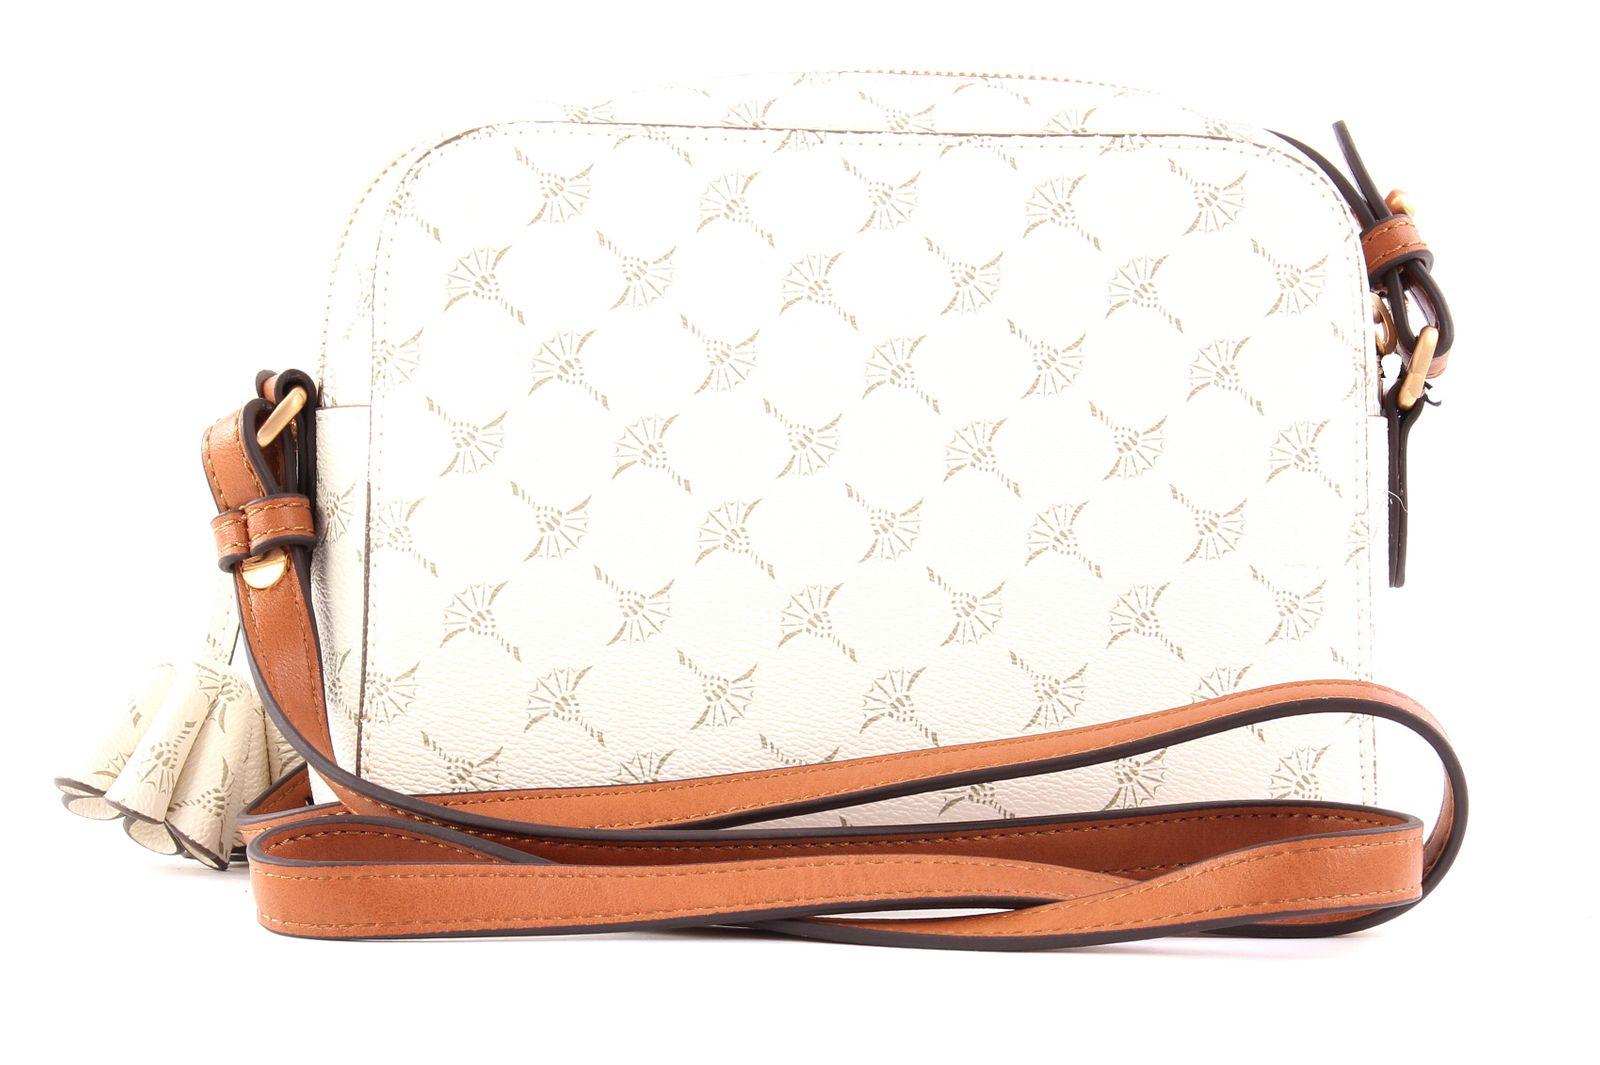 Cortina Cloe Shoulder Bag SHZ Umhängetasche Tasche Offwhite Weiß JOOP